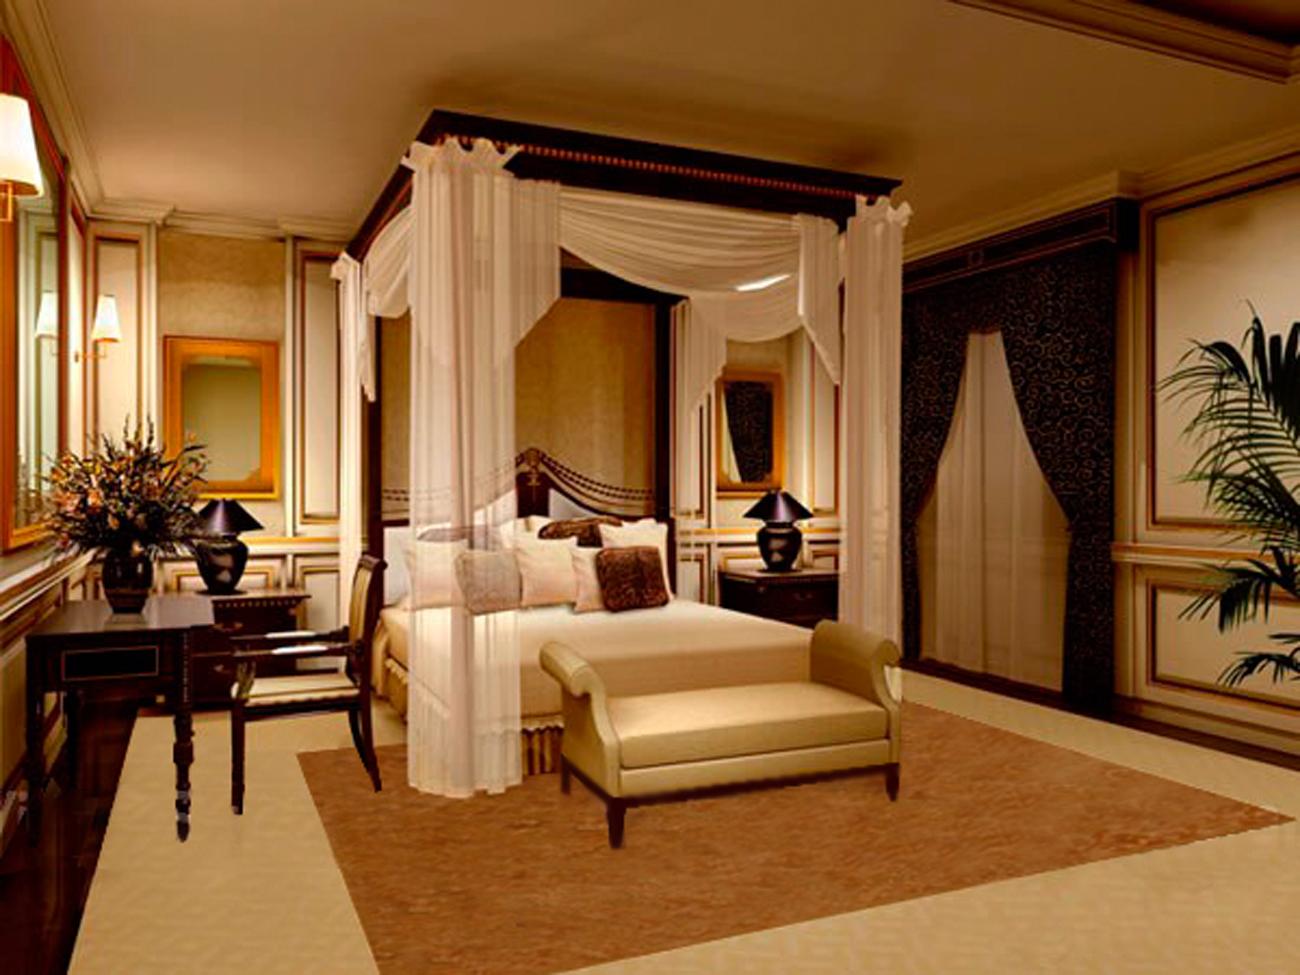 romantisk-luksus-mester-værelses-designs-luksus-Master-soveværelser-i-palæer-207a8fee1357e484